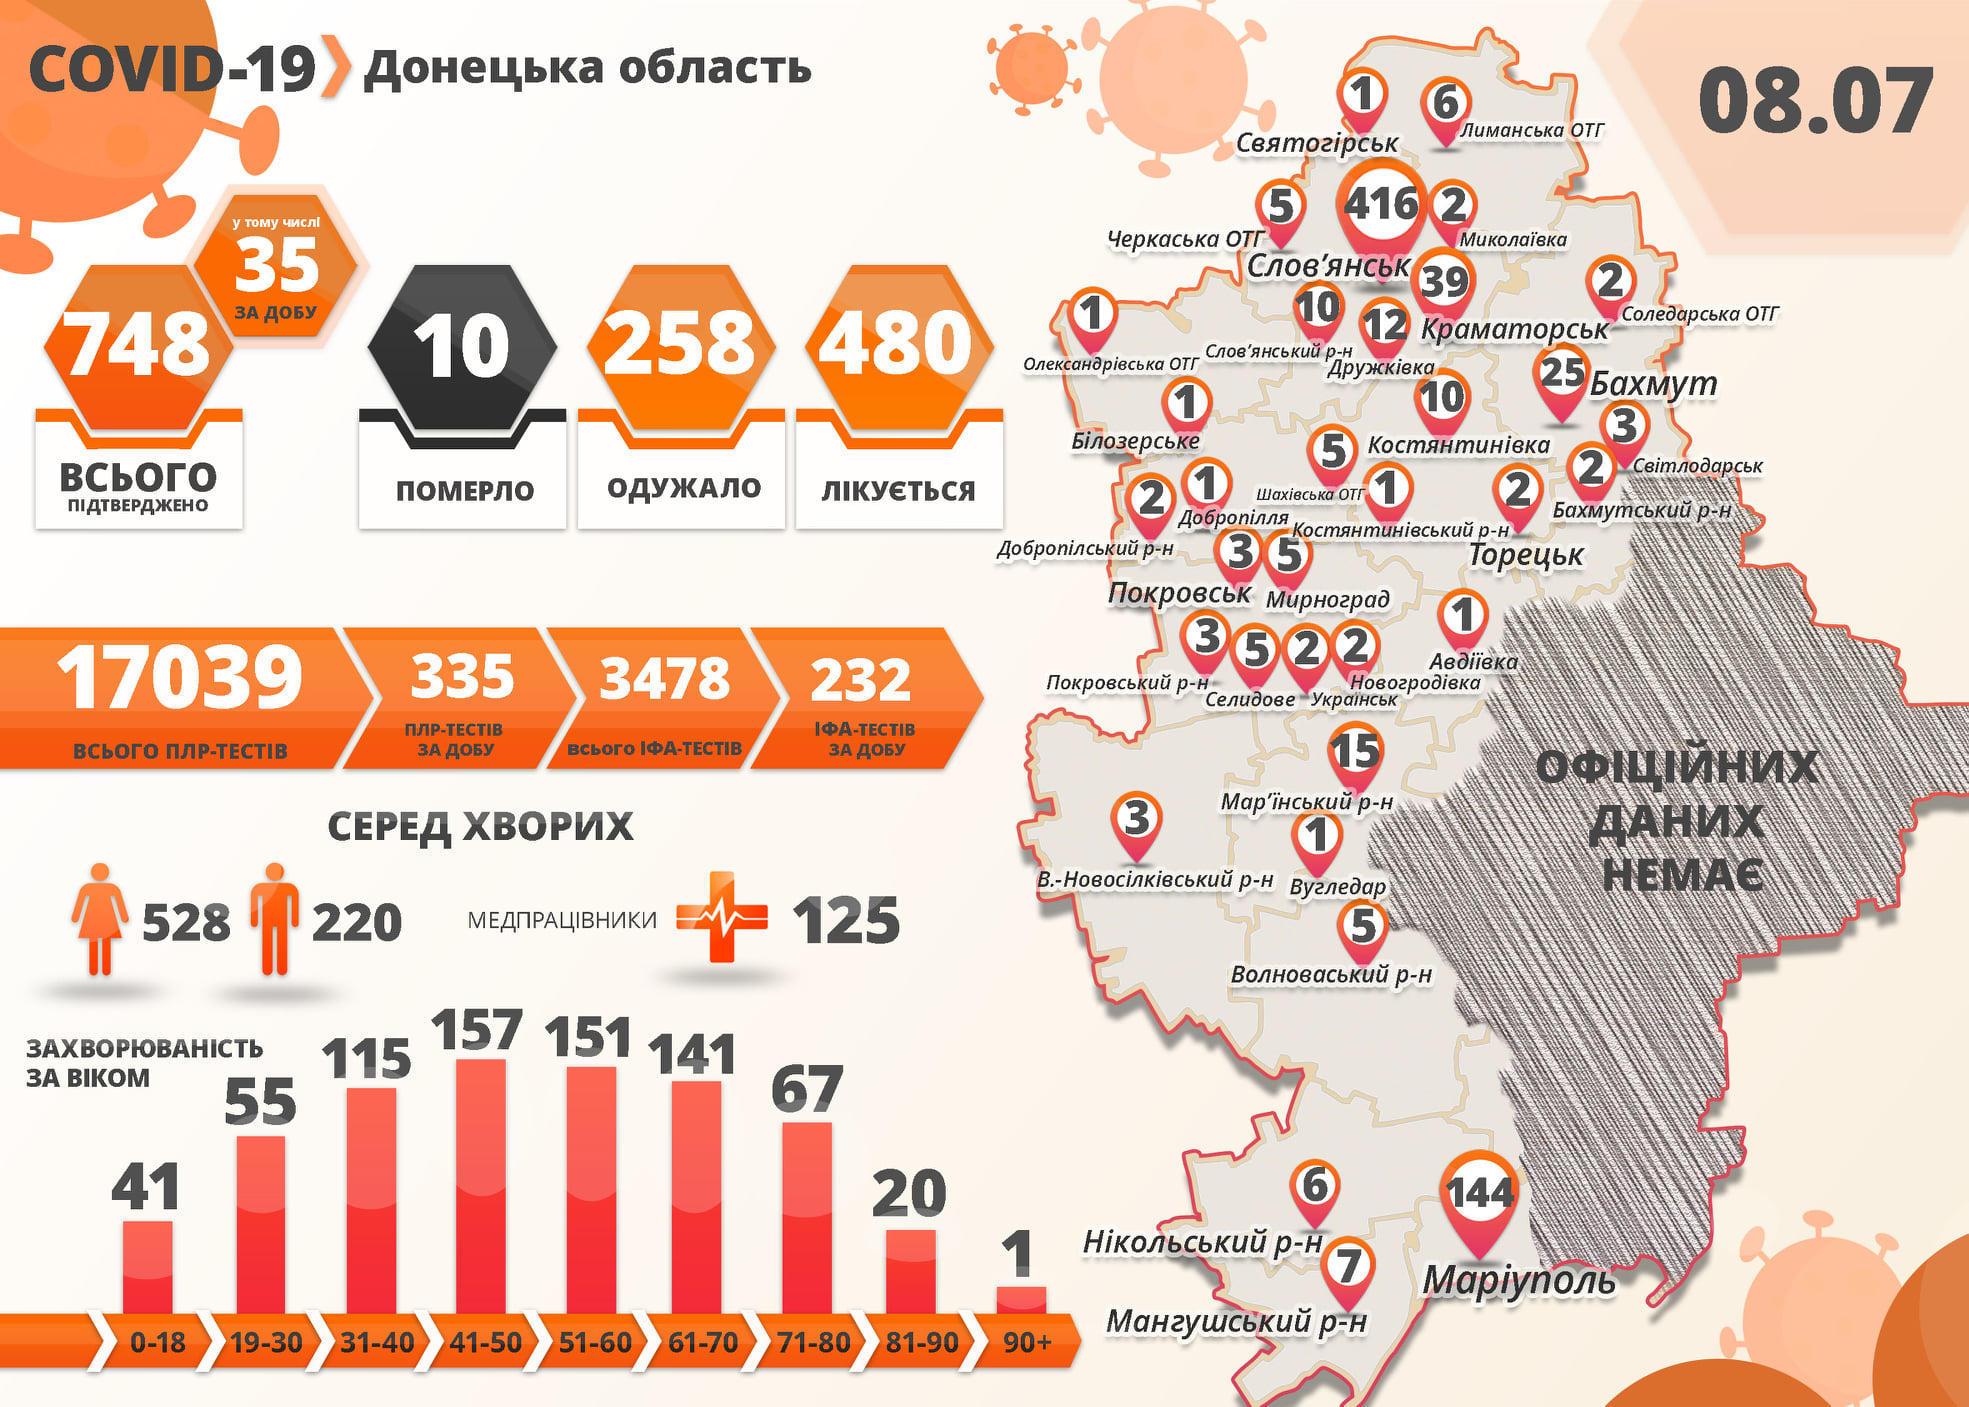 COVID-19: на подконтрольной Донетчине среди больных 4 ребенка. В Украине – 810 новых пациентов